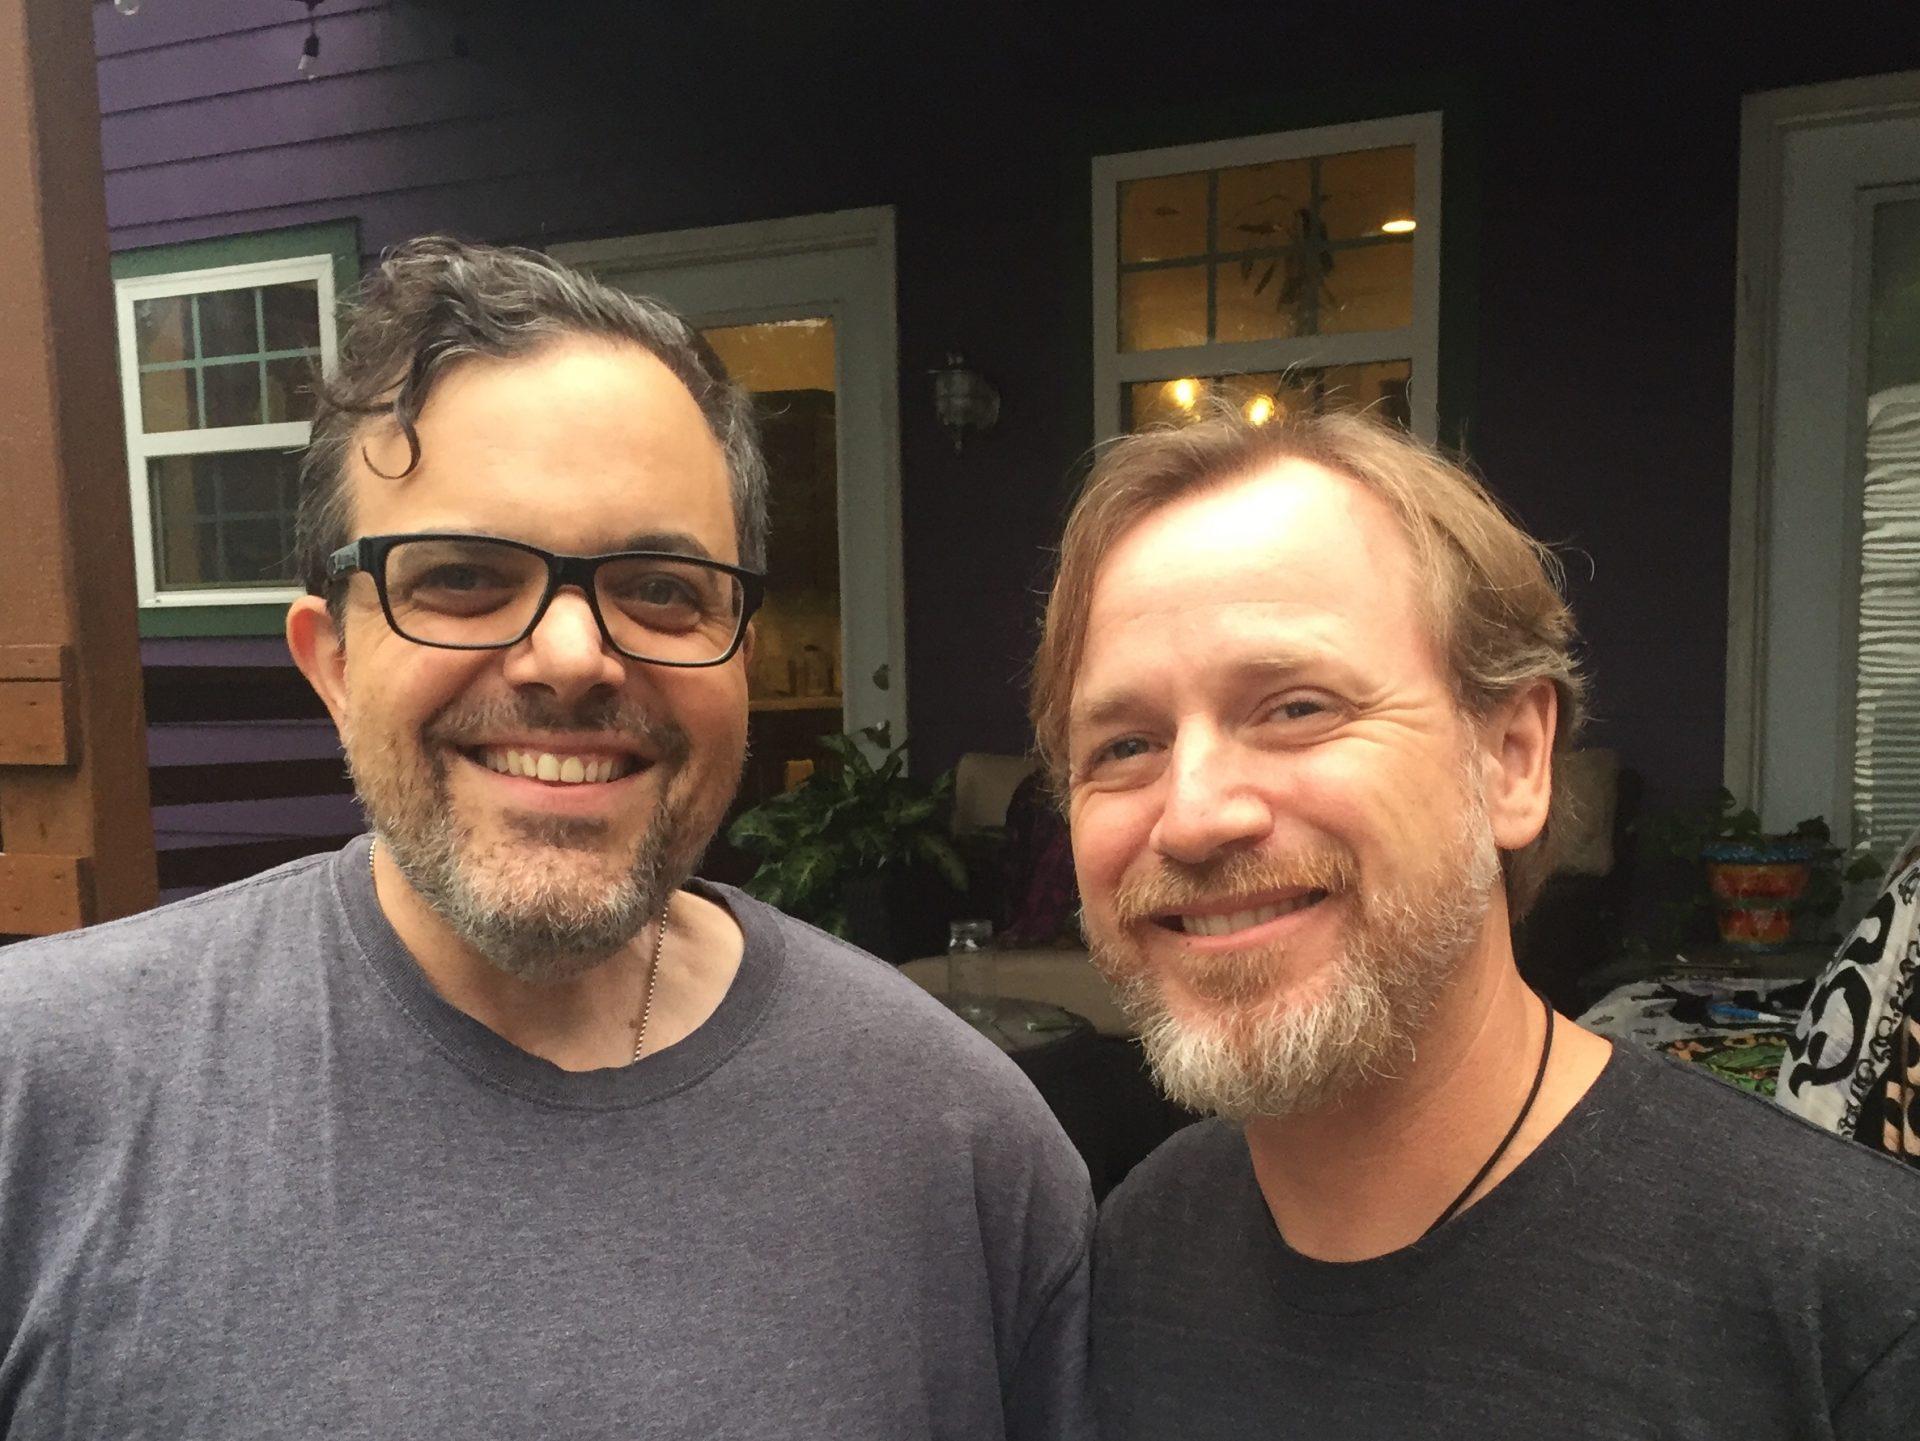 Burke Ingraffia and Jake Eckert